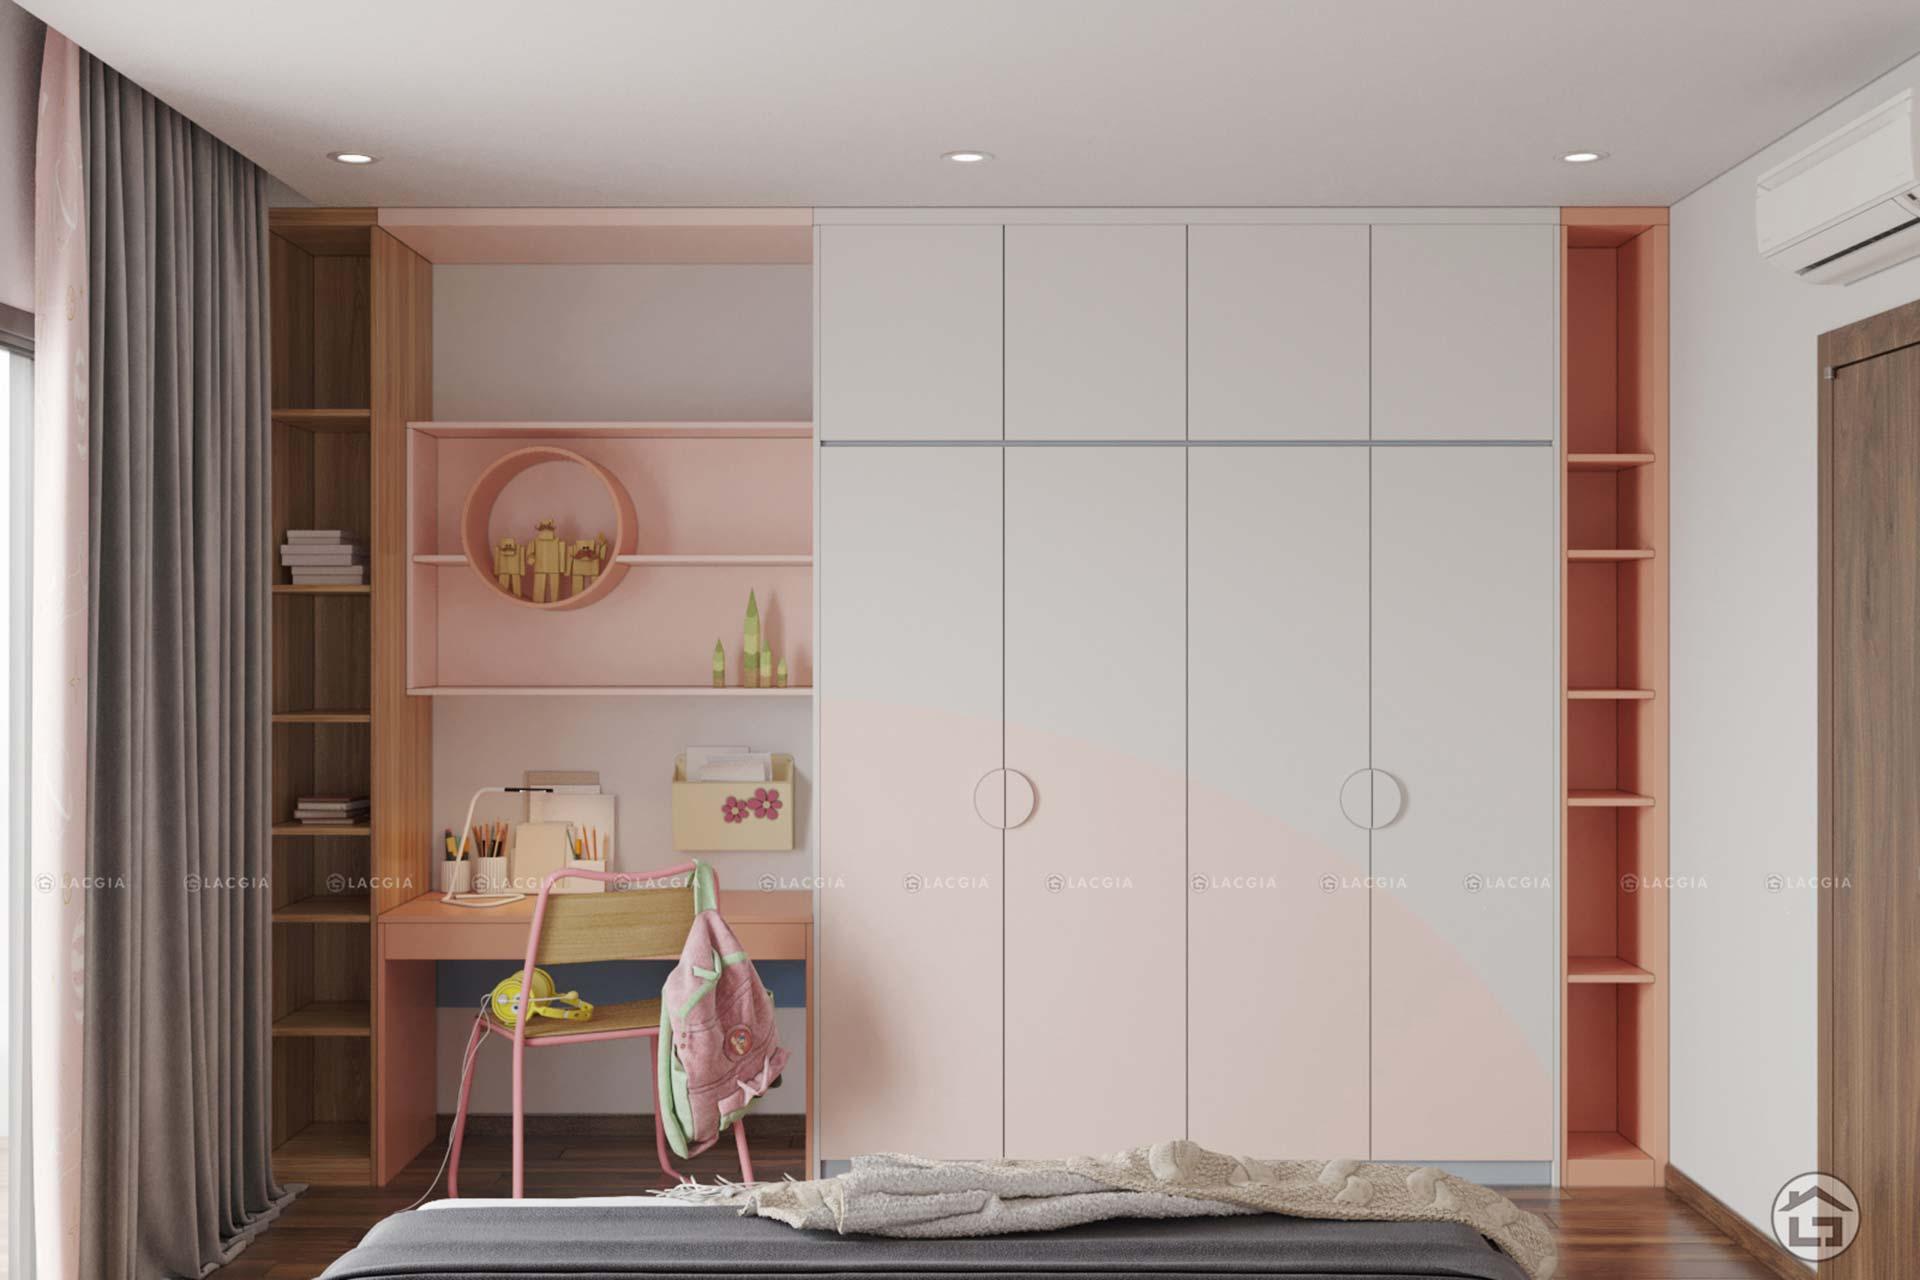 Những lưu ý khi thiết kế nội thất căn hộ Studio sang trọng và đẹp hơn